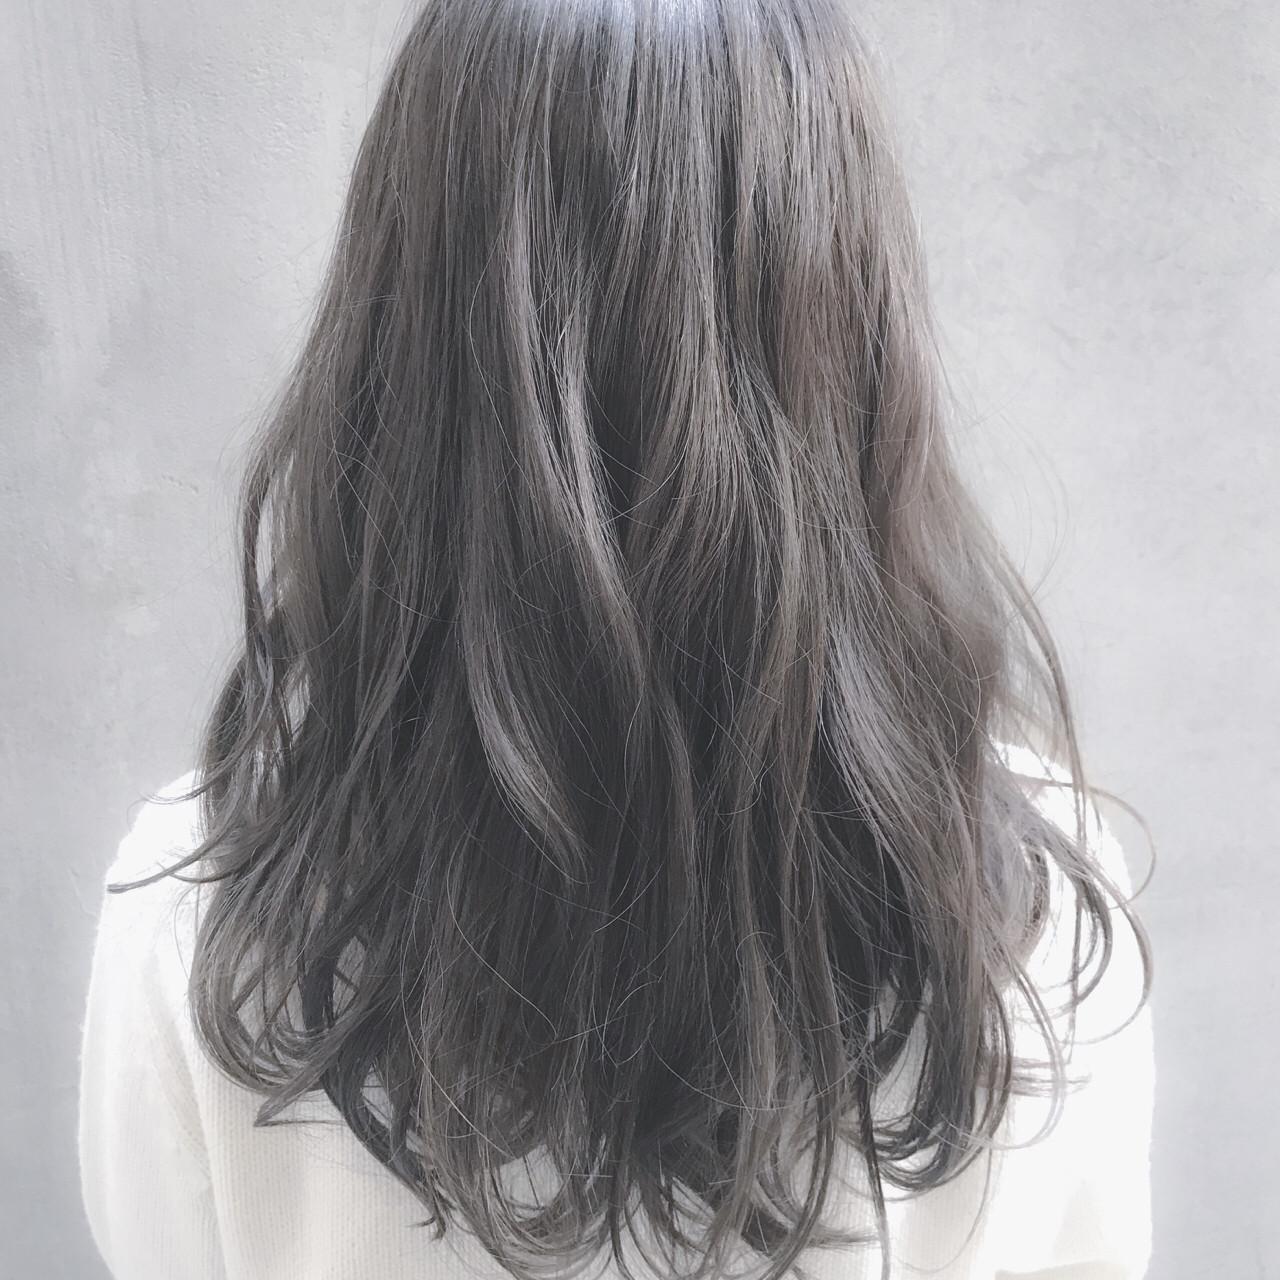 ワンランク上の髪型へシフト♡30代の女性に人気の髪型カタログ♪の10枚目の画像